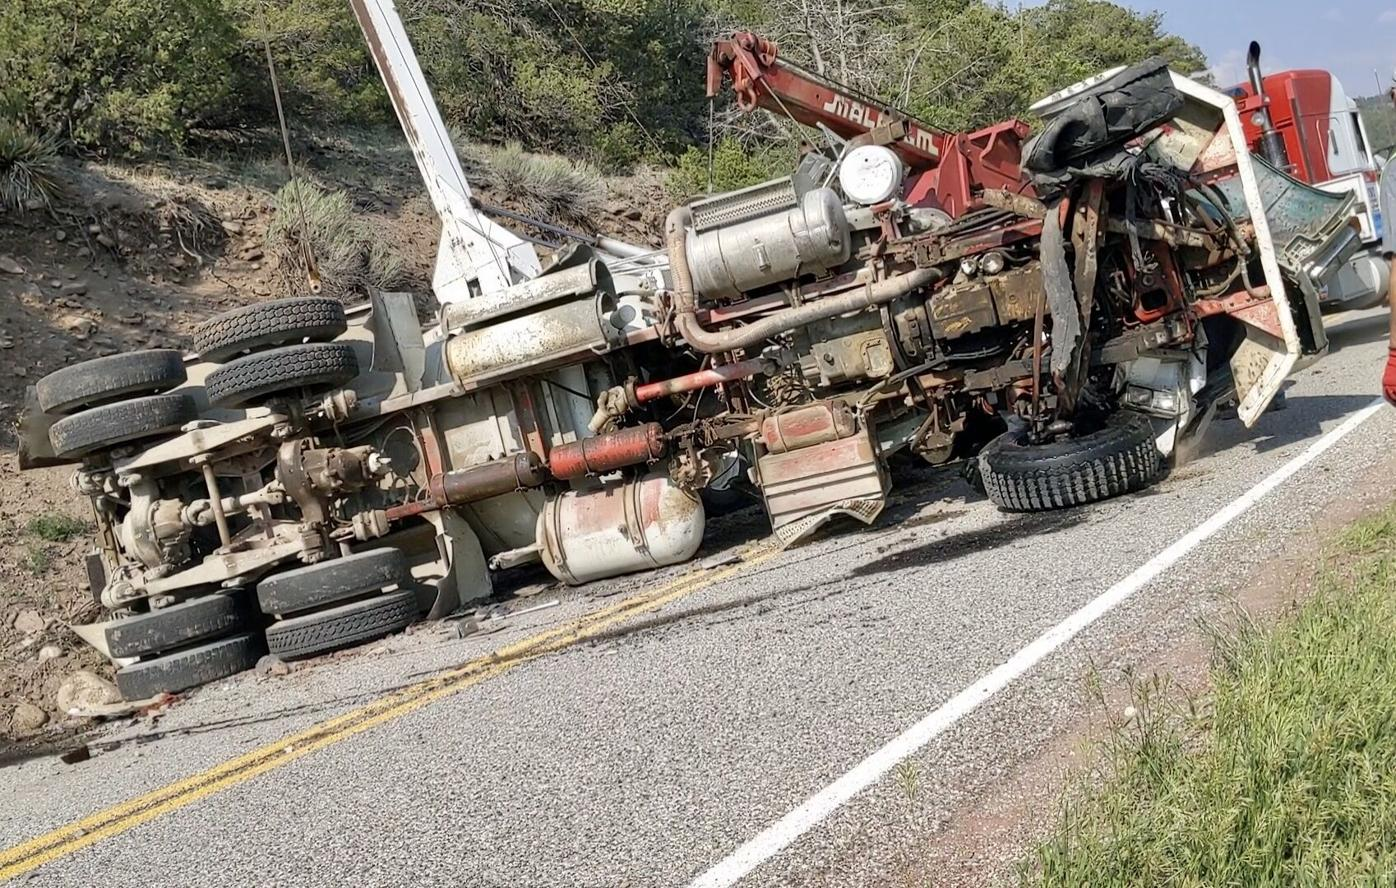 One dead after single vehicle rollover near Peñasco